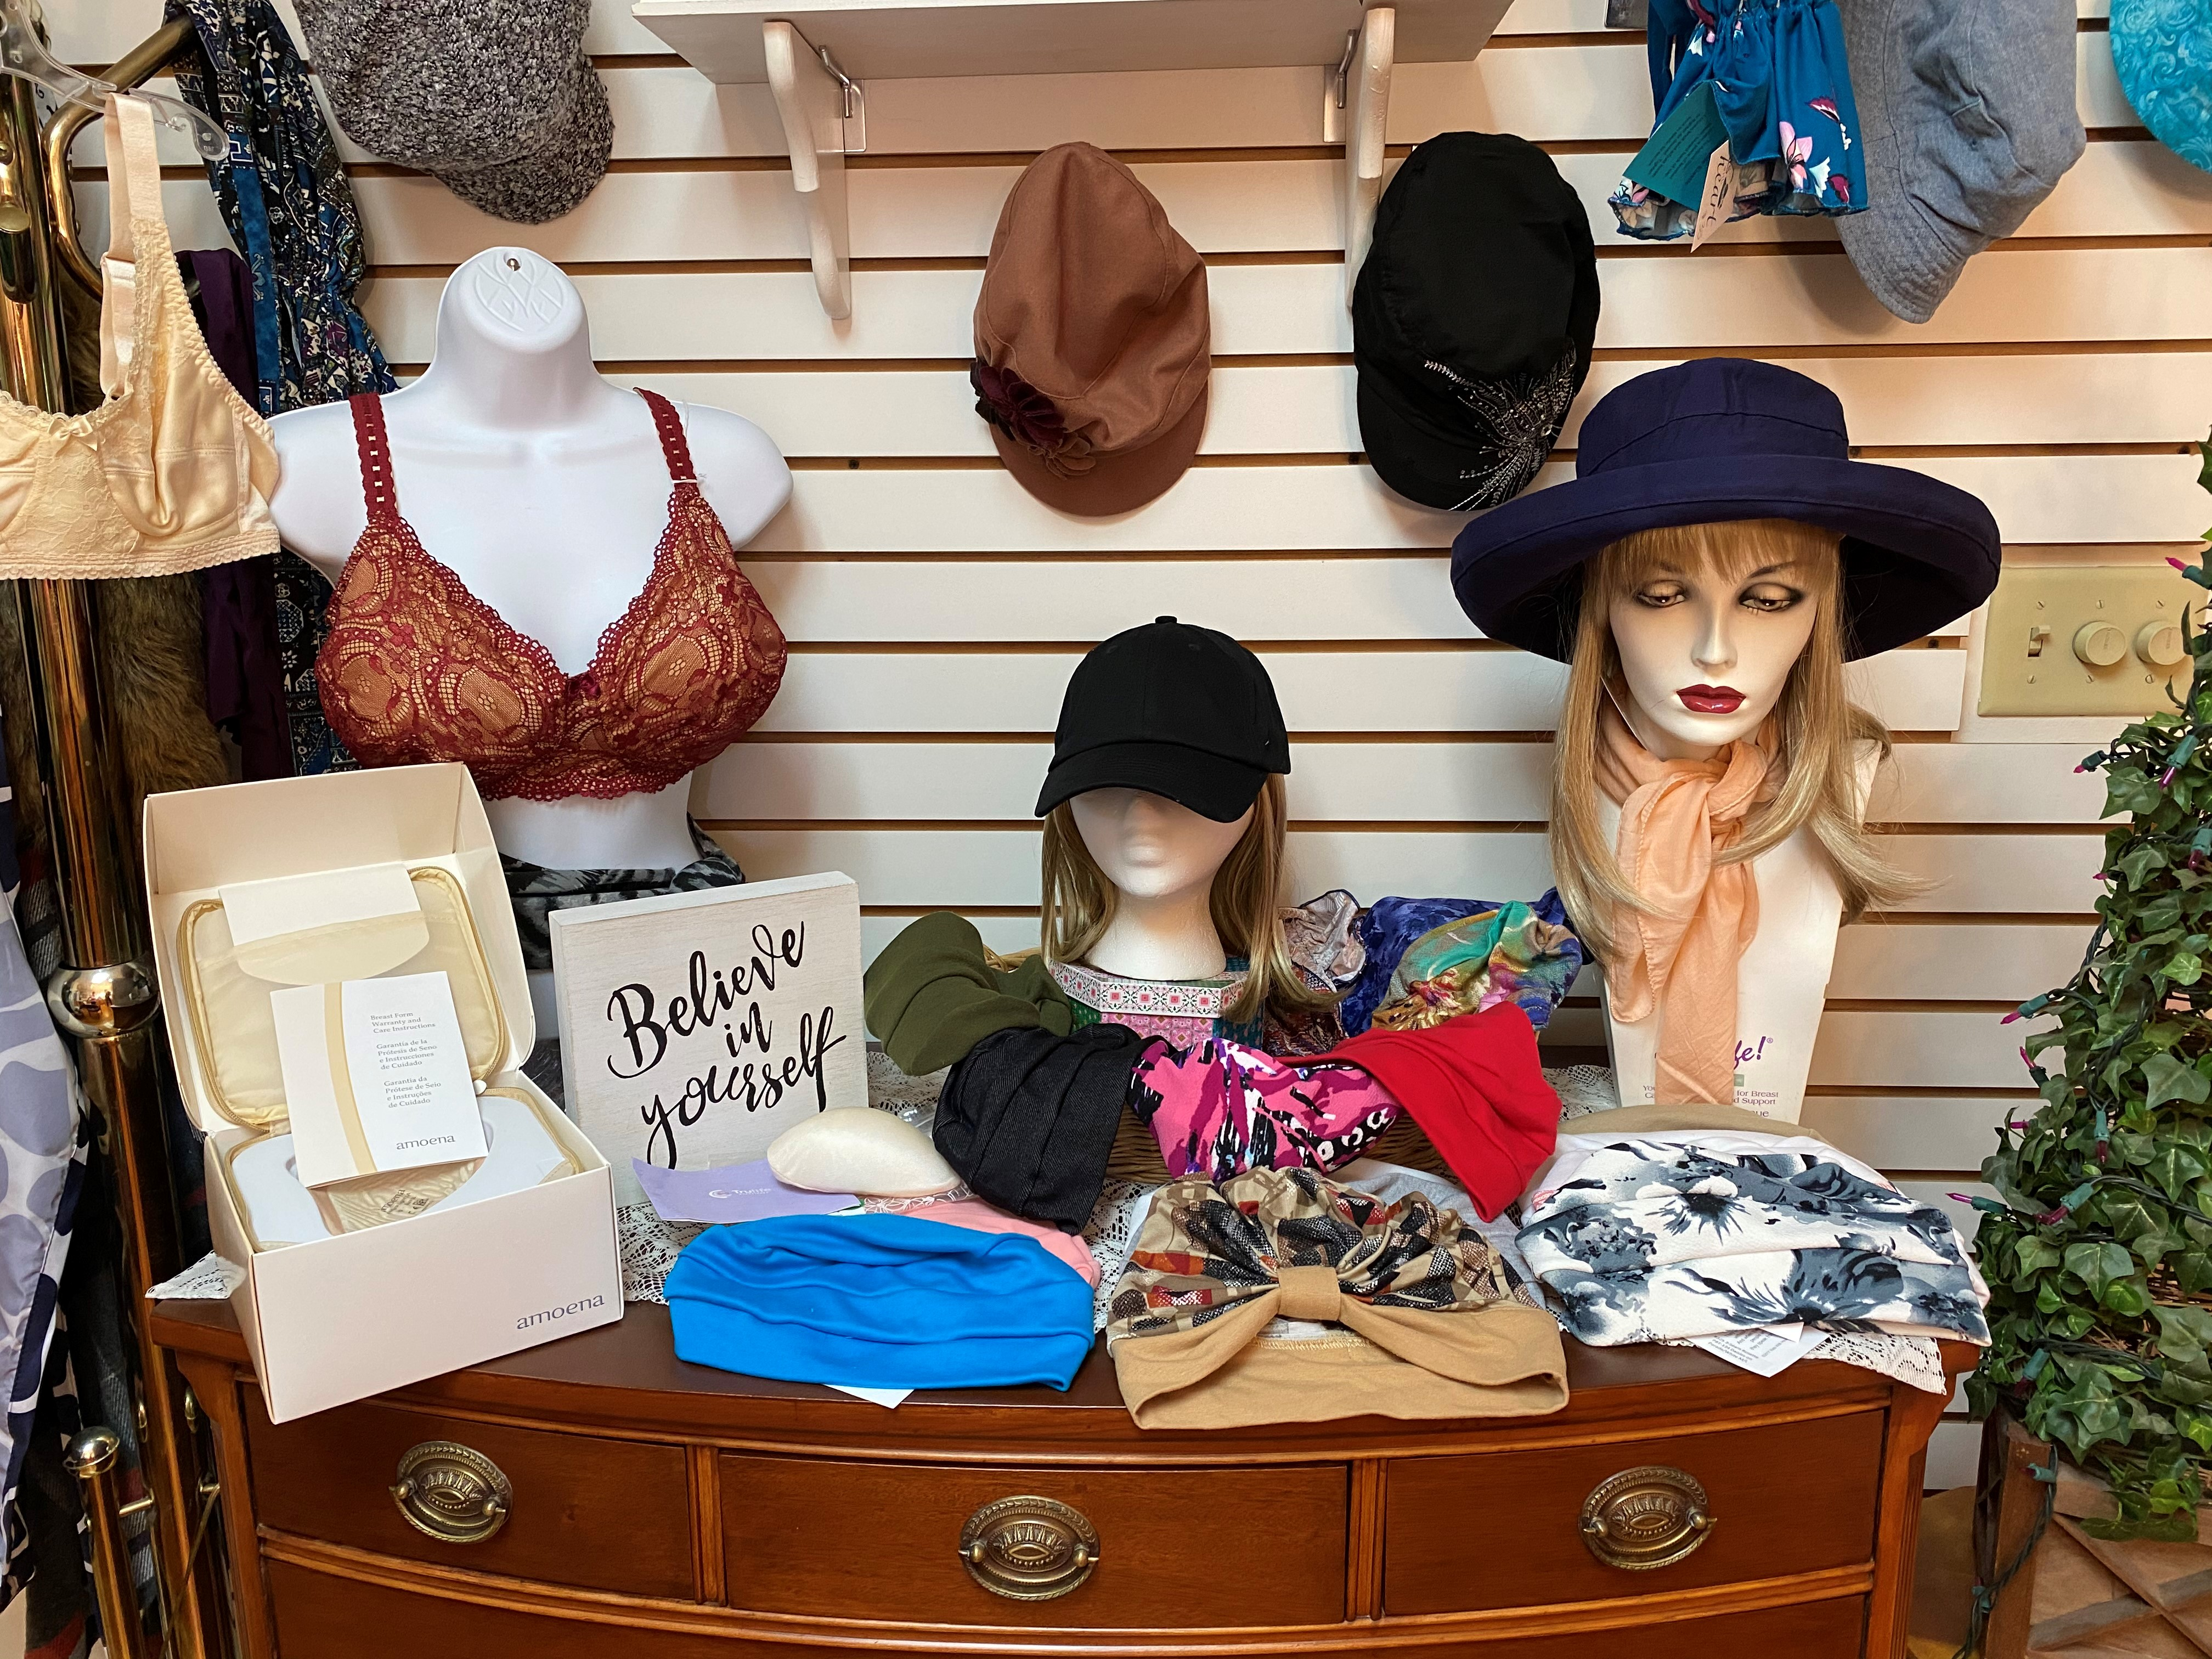 Boutique services image